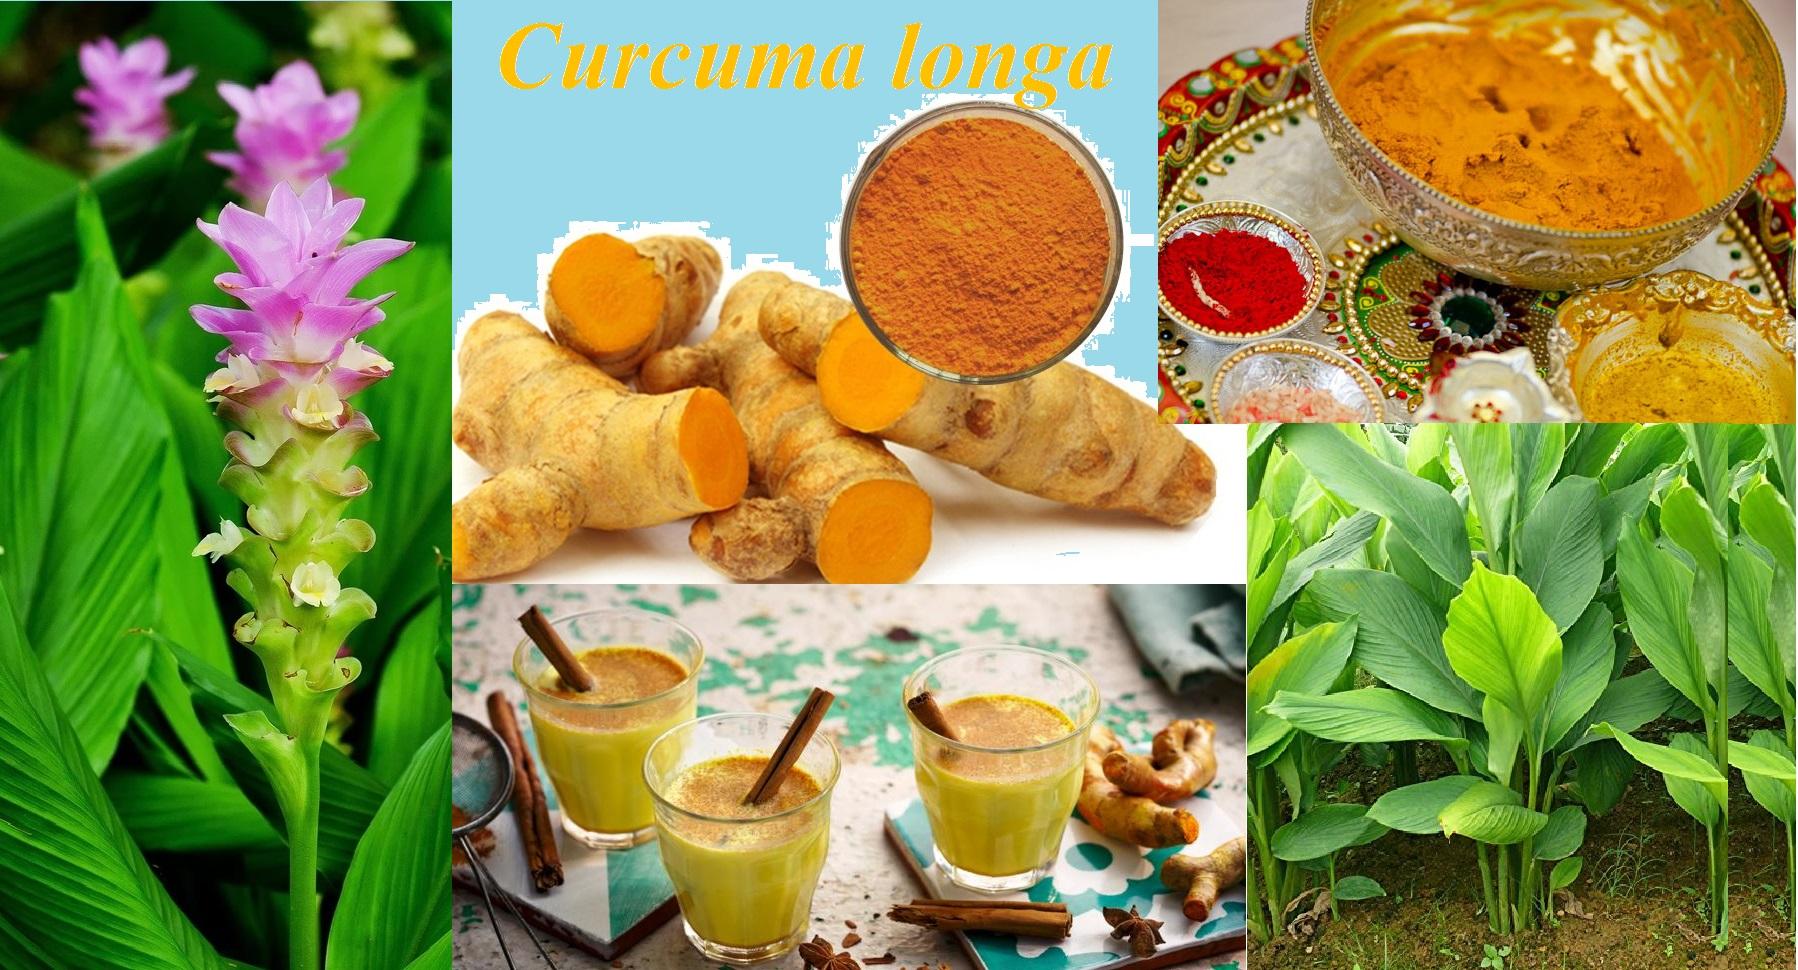 You are currently viewing ಆಹಾರ, ಆರೋಗ್ಯ ಮತ್ತು ಸಂಸ್ಕೃತಿಗೆ ಬಣ್ಣದ ಮೆರುಗು ಕೊಟ್ಟ ಅರಿಸಿನ Curcuma longa